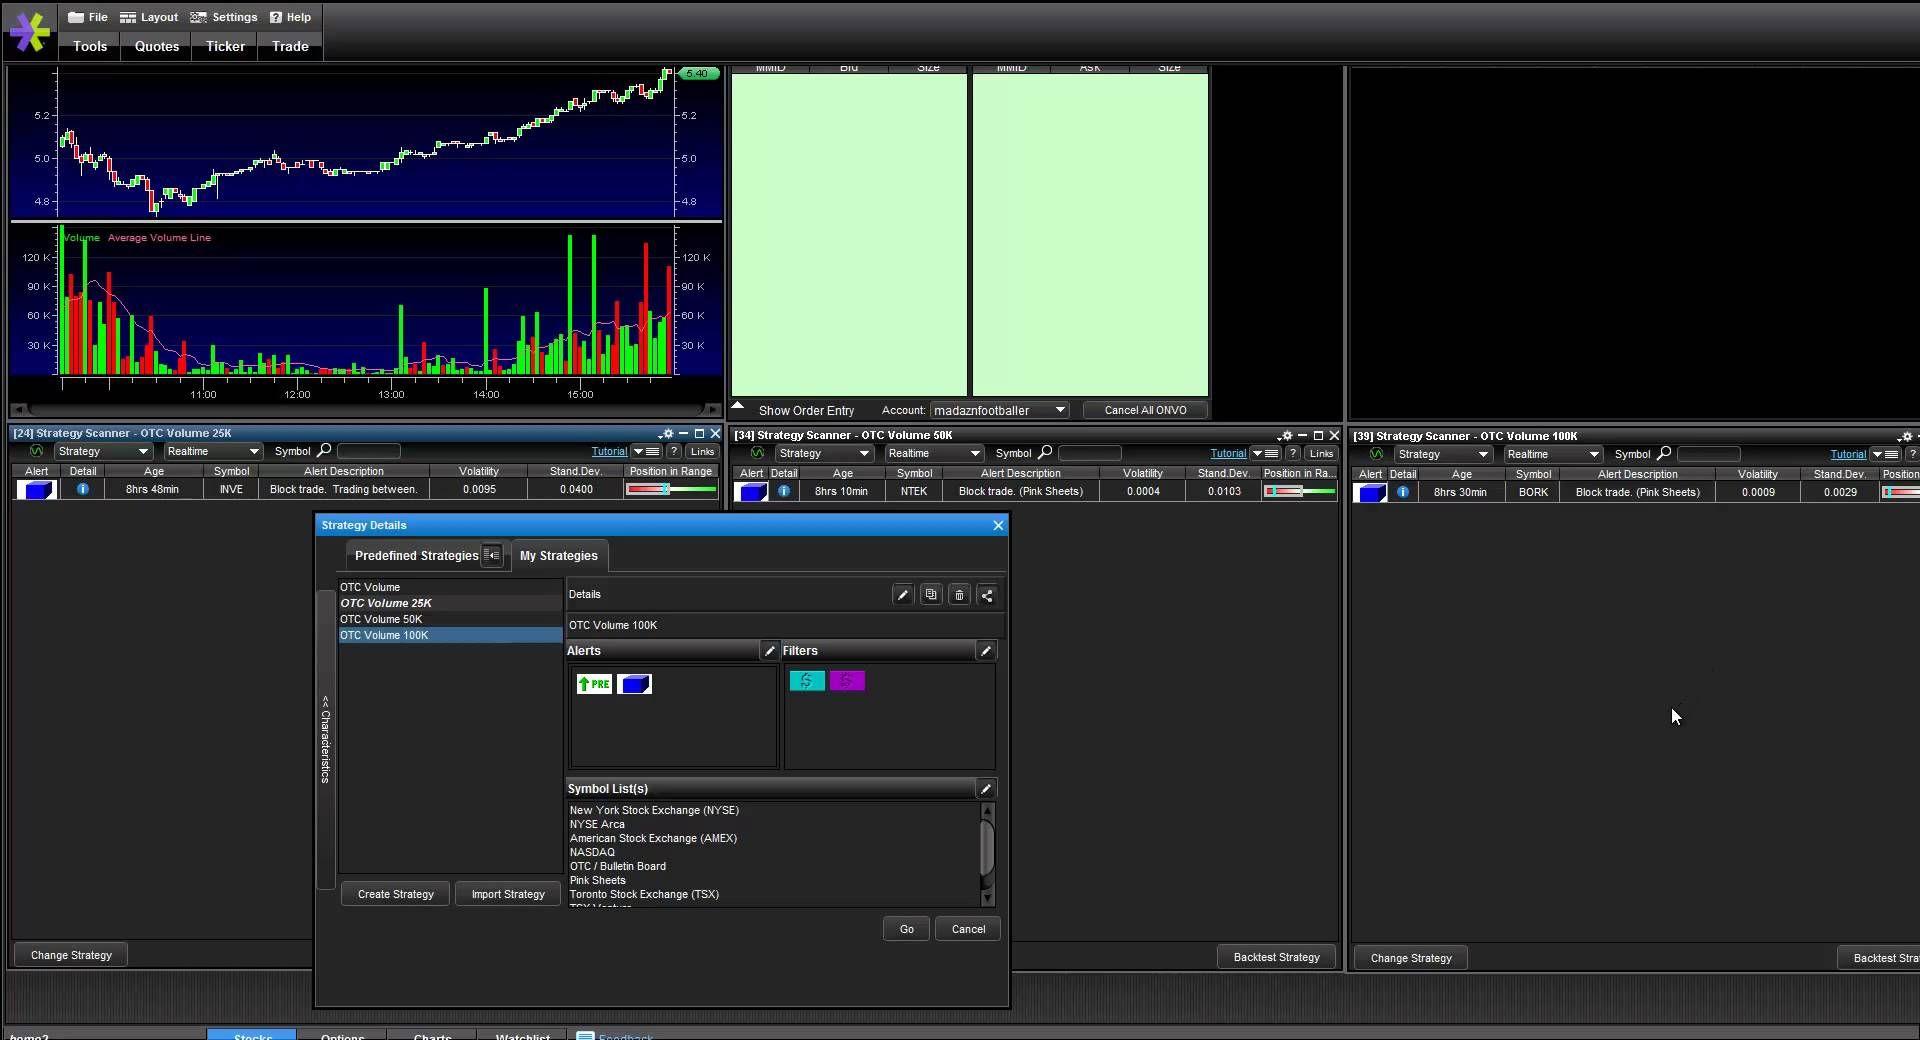 How I Setup My Stock Scanner Screener On Etrade Pro Platform For